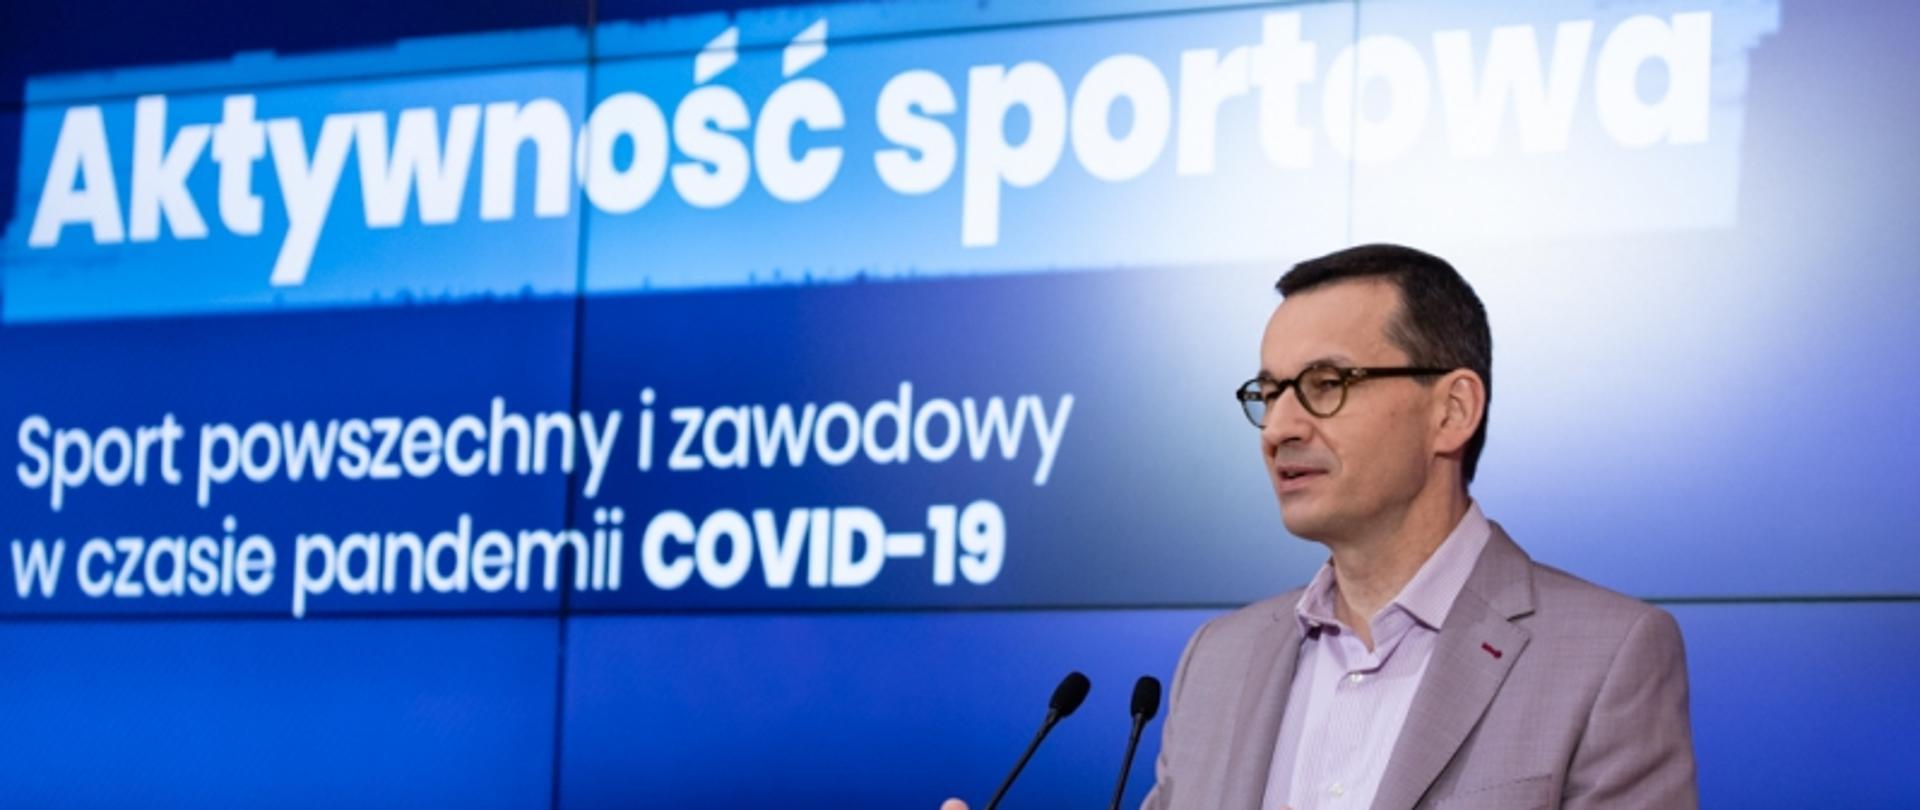 Premier Mateusz Morawiecki podczas konferencji dotyczącej spotu powszechnego i zawodowego w czasie pandemii COVID-19.